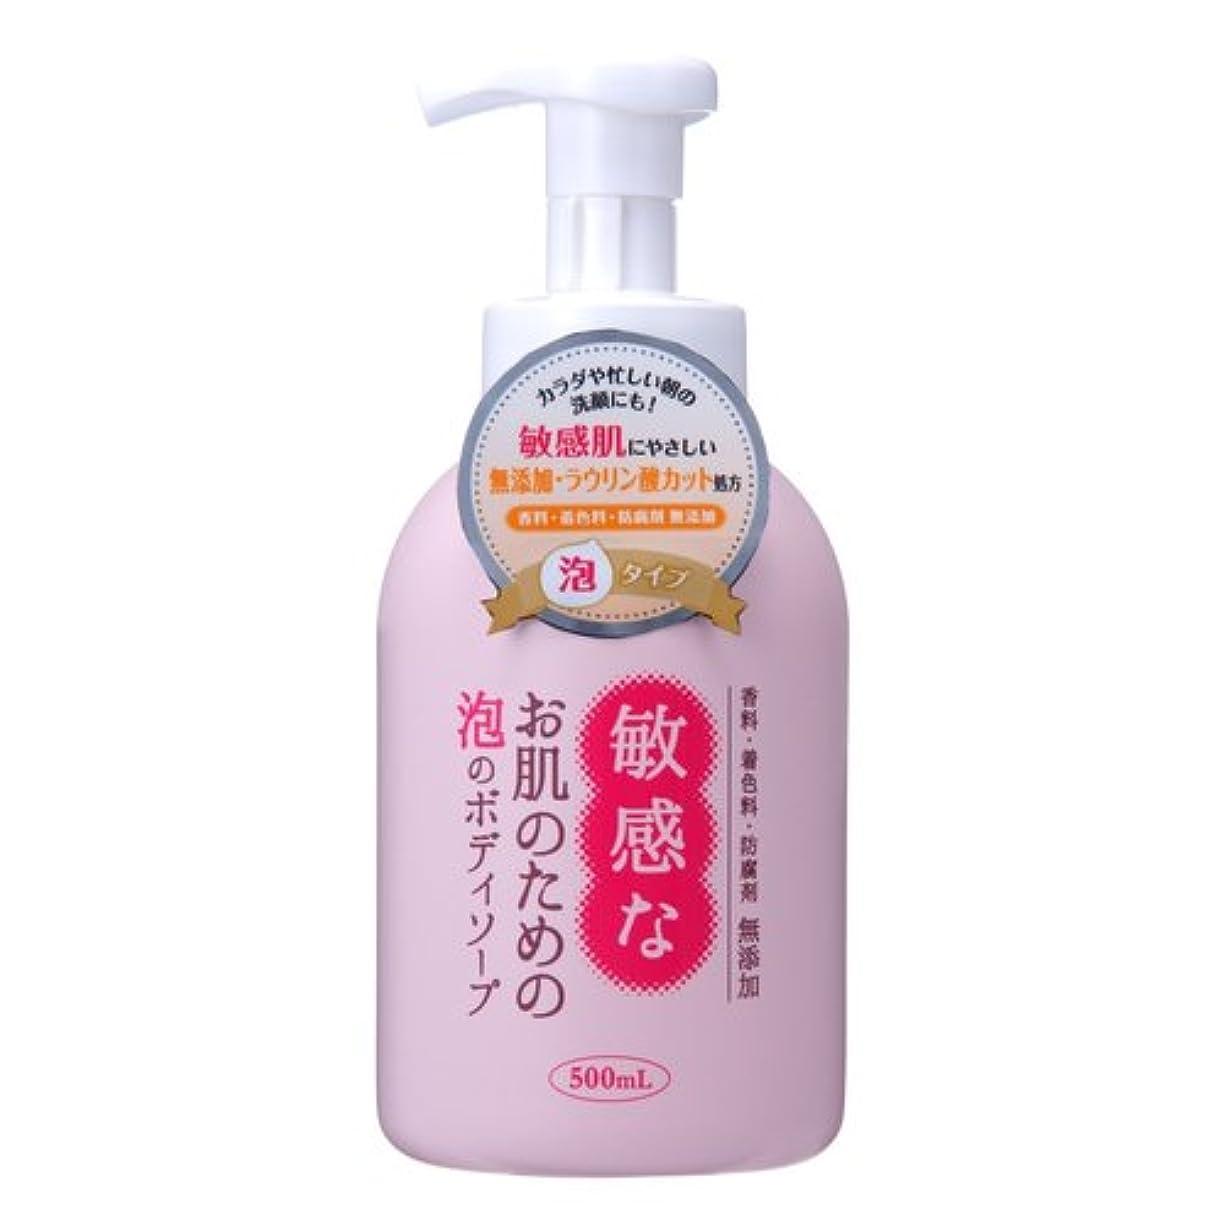 マチュピチュコレクション癒す敏感なお肌のための泡のボディソープ 本体 500mL CBH-FB